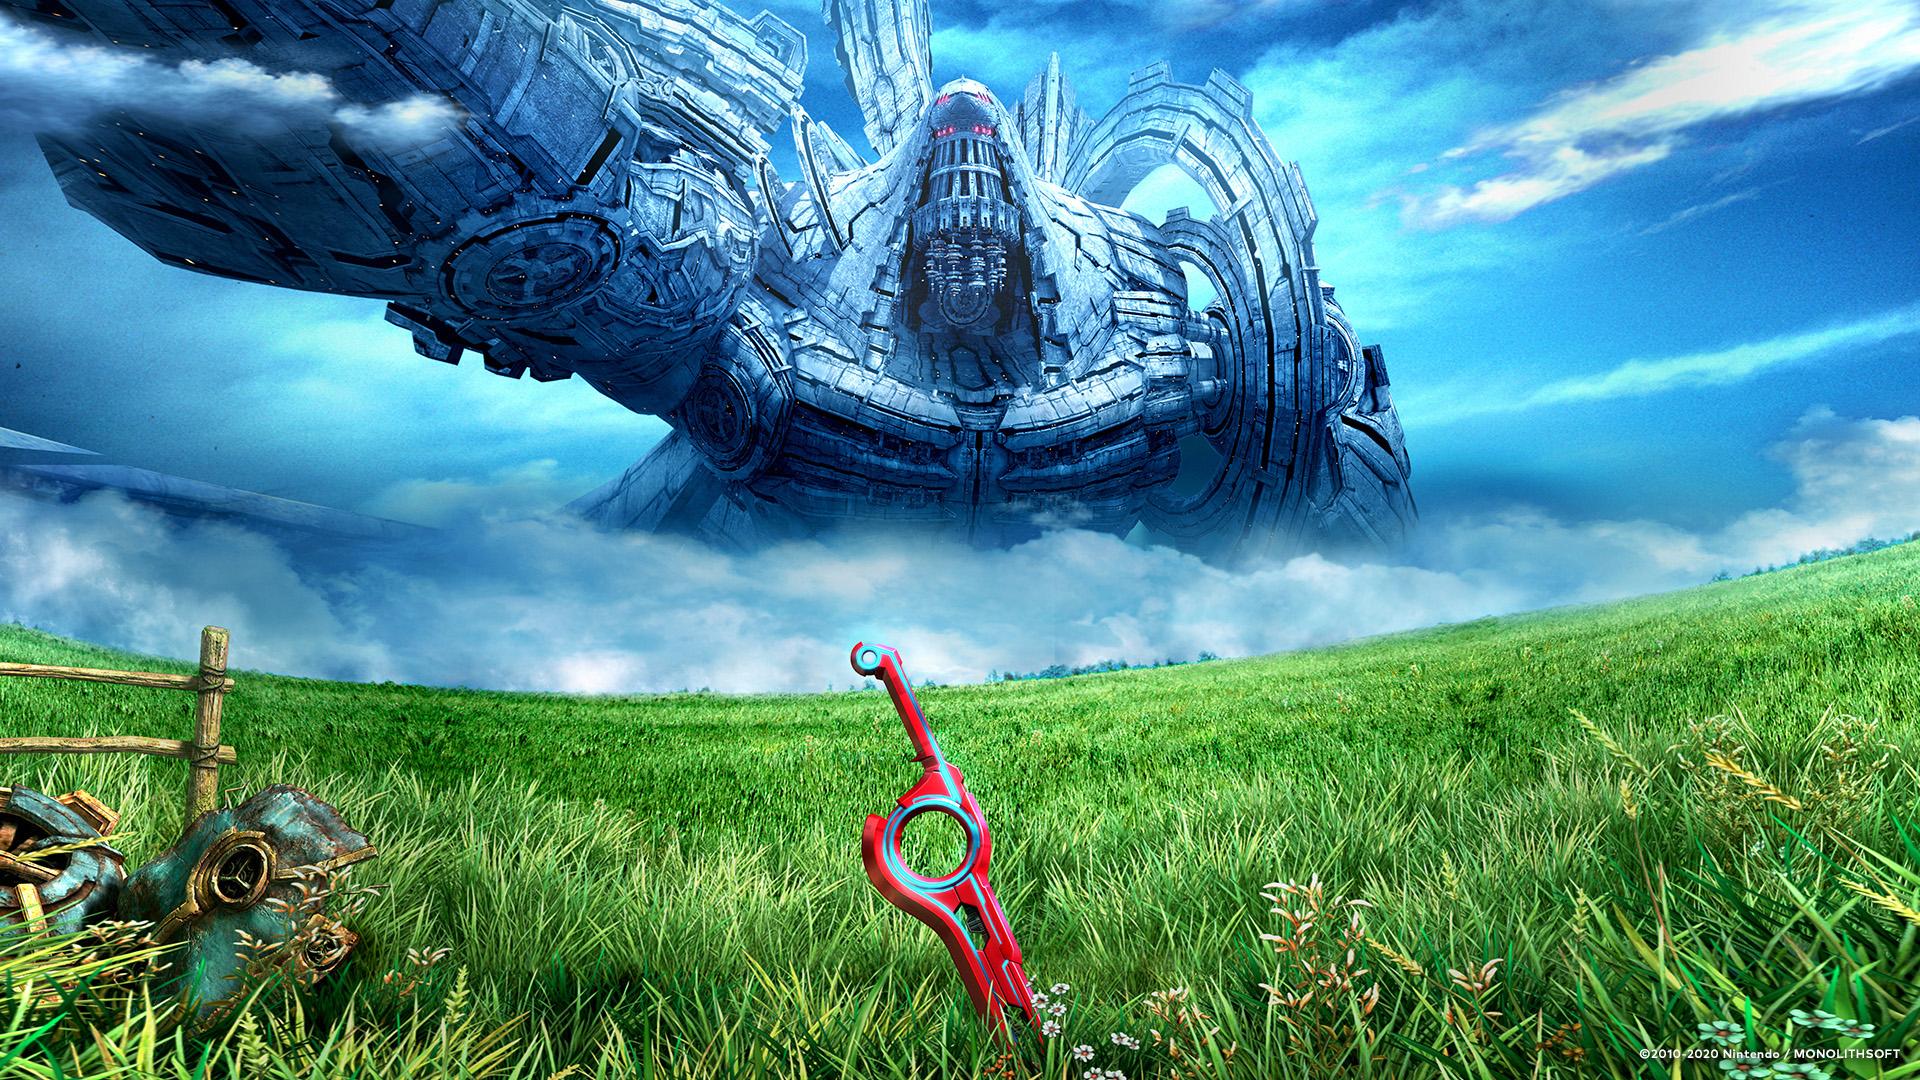 ゼノブレイド」シリーズより壁紙4種公開。広大な草原と雲が広がる青空 ...